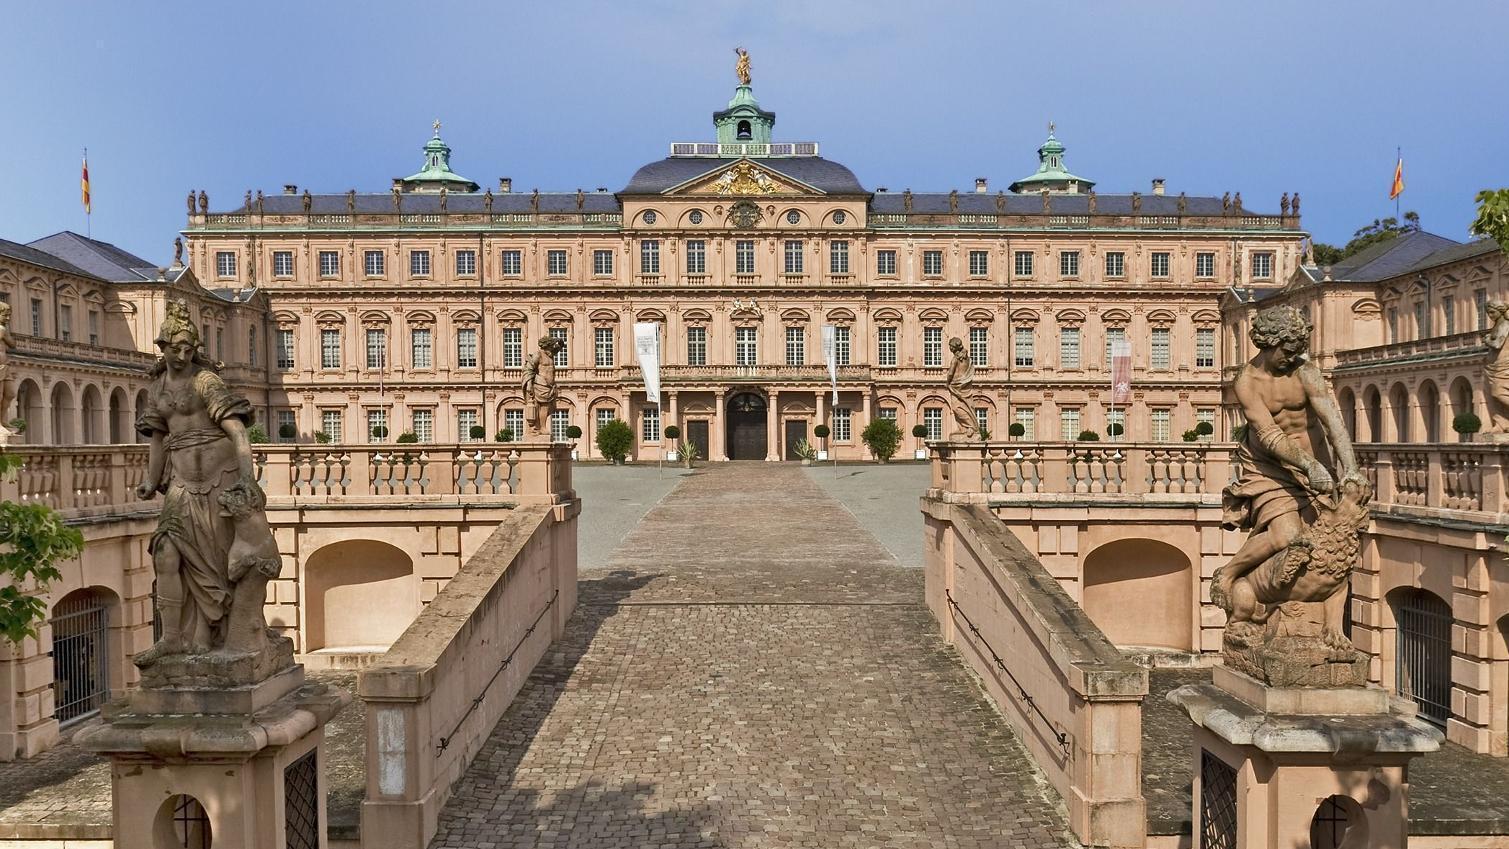 Residenzschloss Rastatt; Foto: Staatliche Schlösser und Gärten Baden-Württemberg, Christoph Hermann